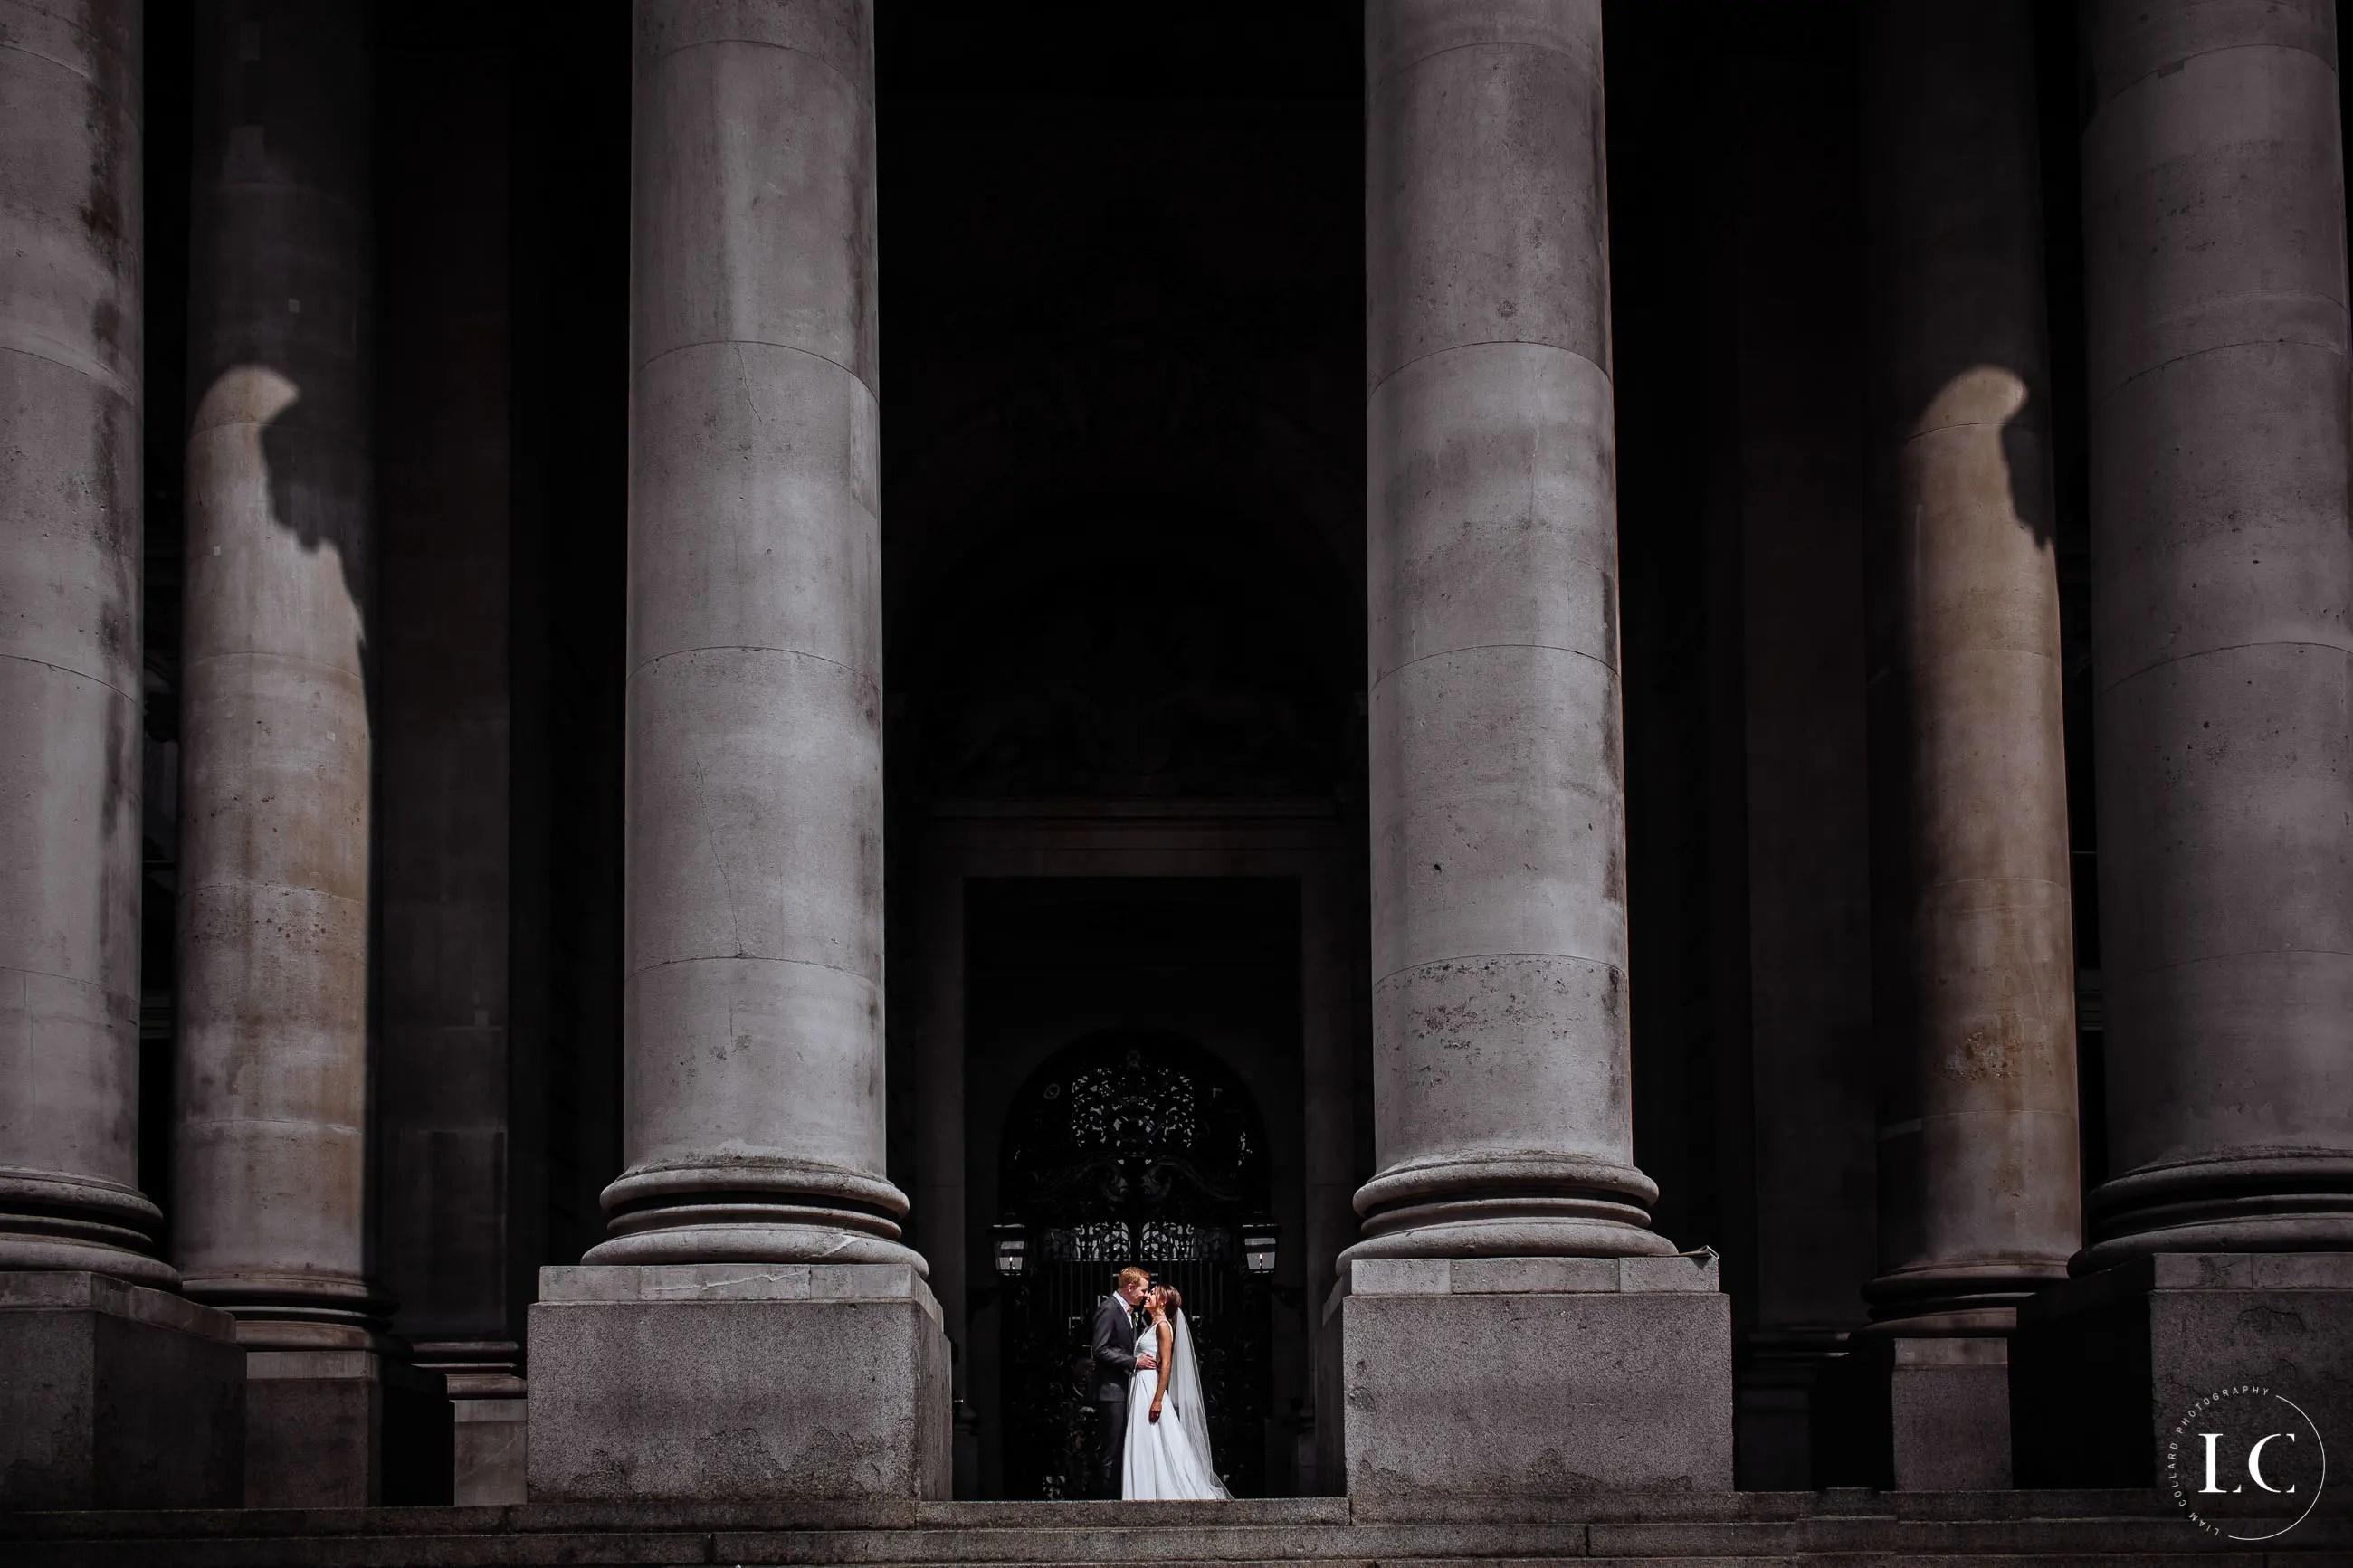 Pillars far angle of bride and groom